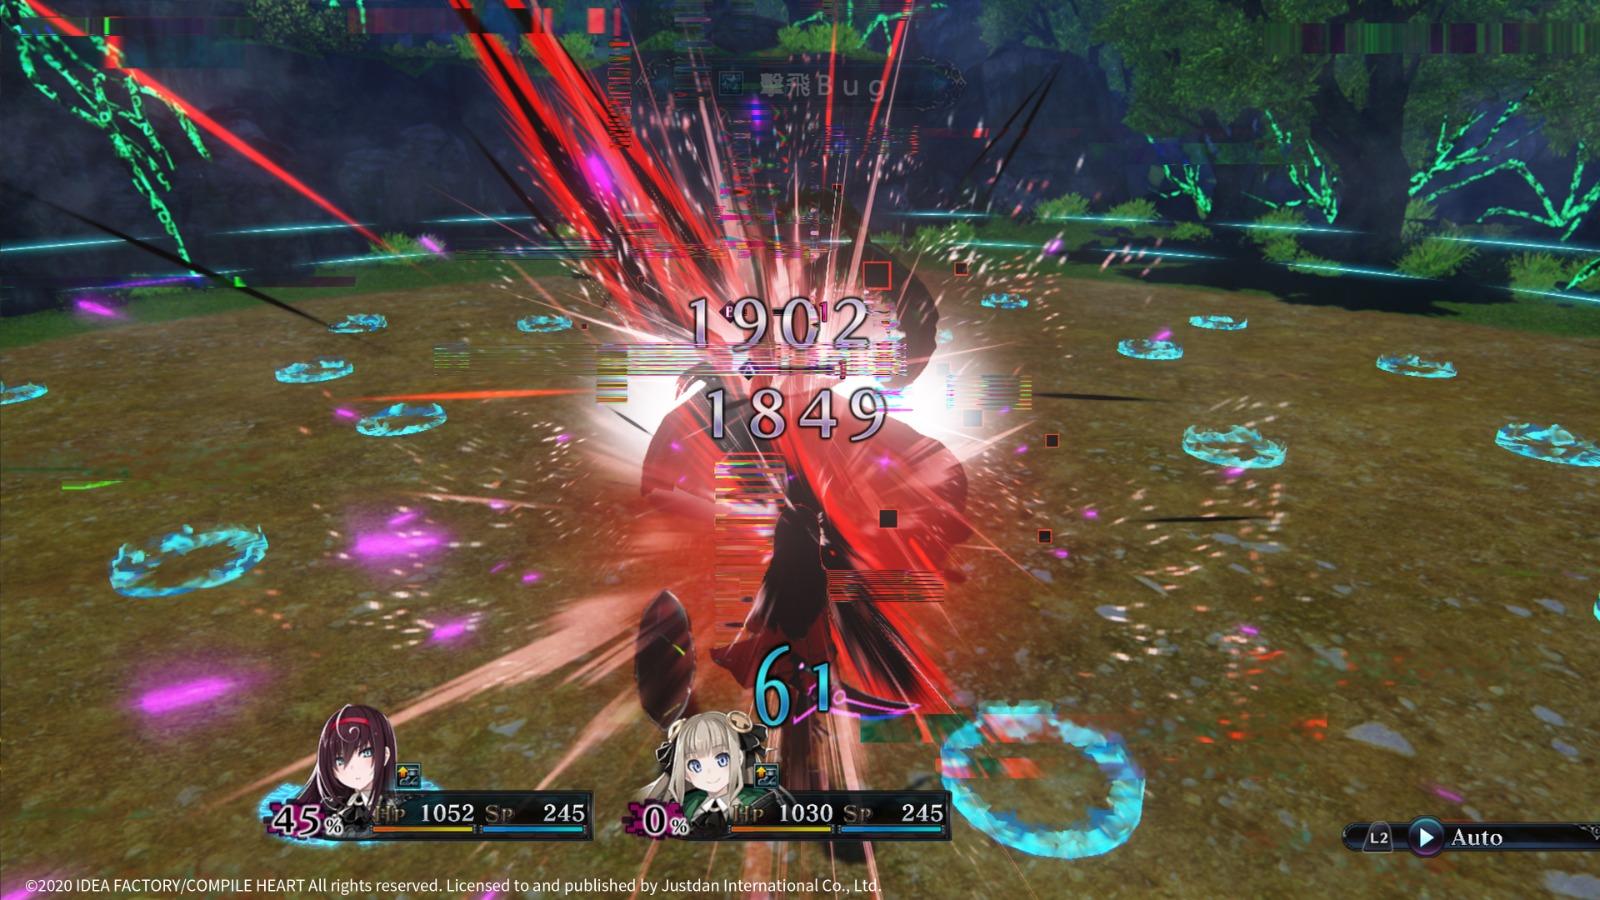 死亡終局 輪迴試煉 2, Death end re;Quest 2, Justdan, Compile Heart, Idea Factory, NS, GSE,